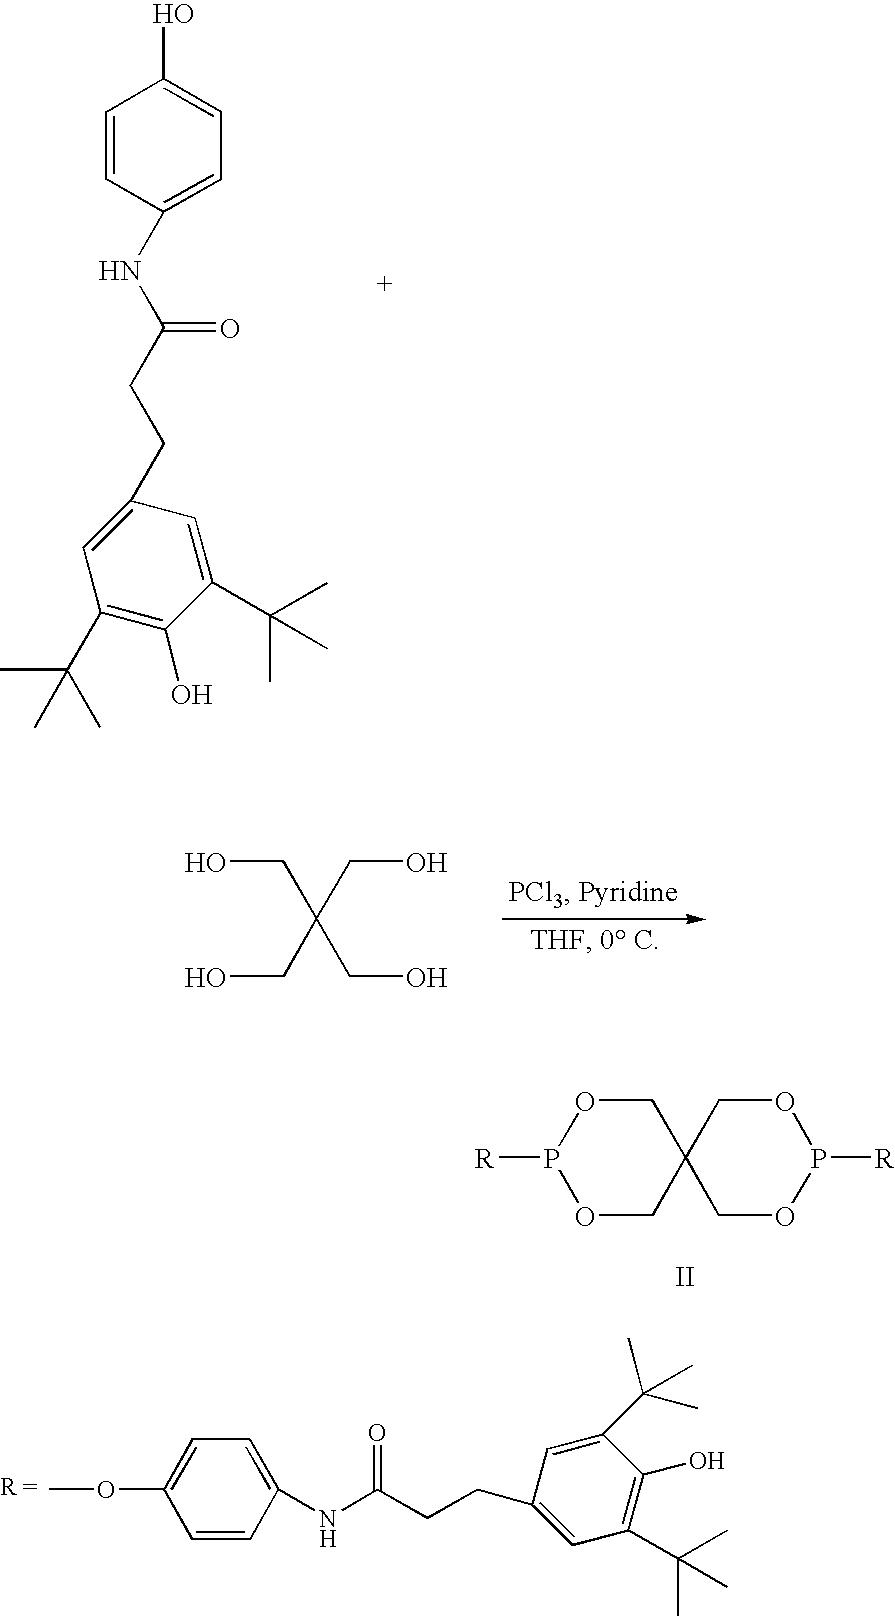 Figure US20100305361A1-20101202-C00020